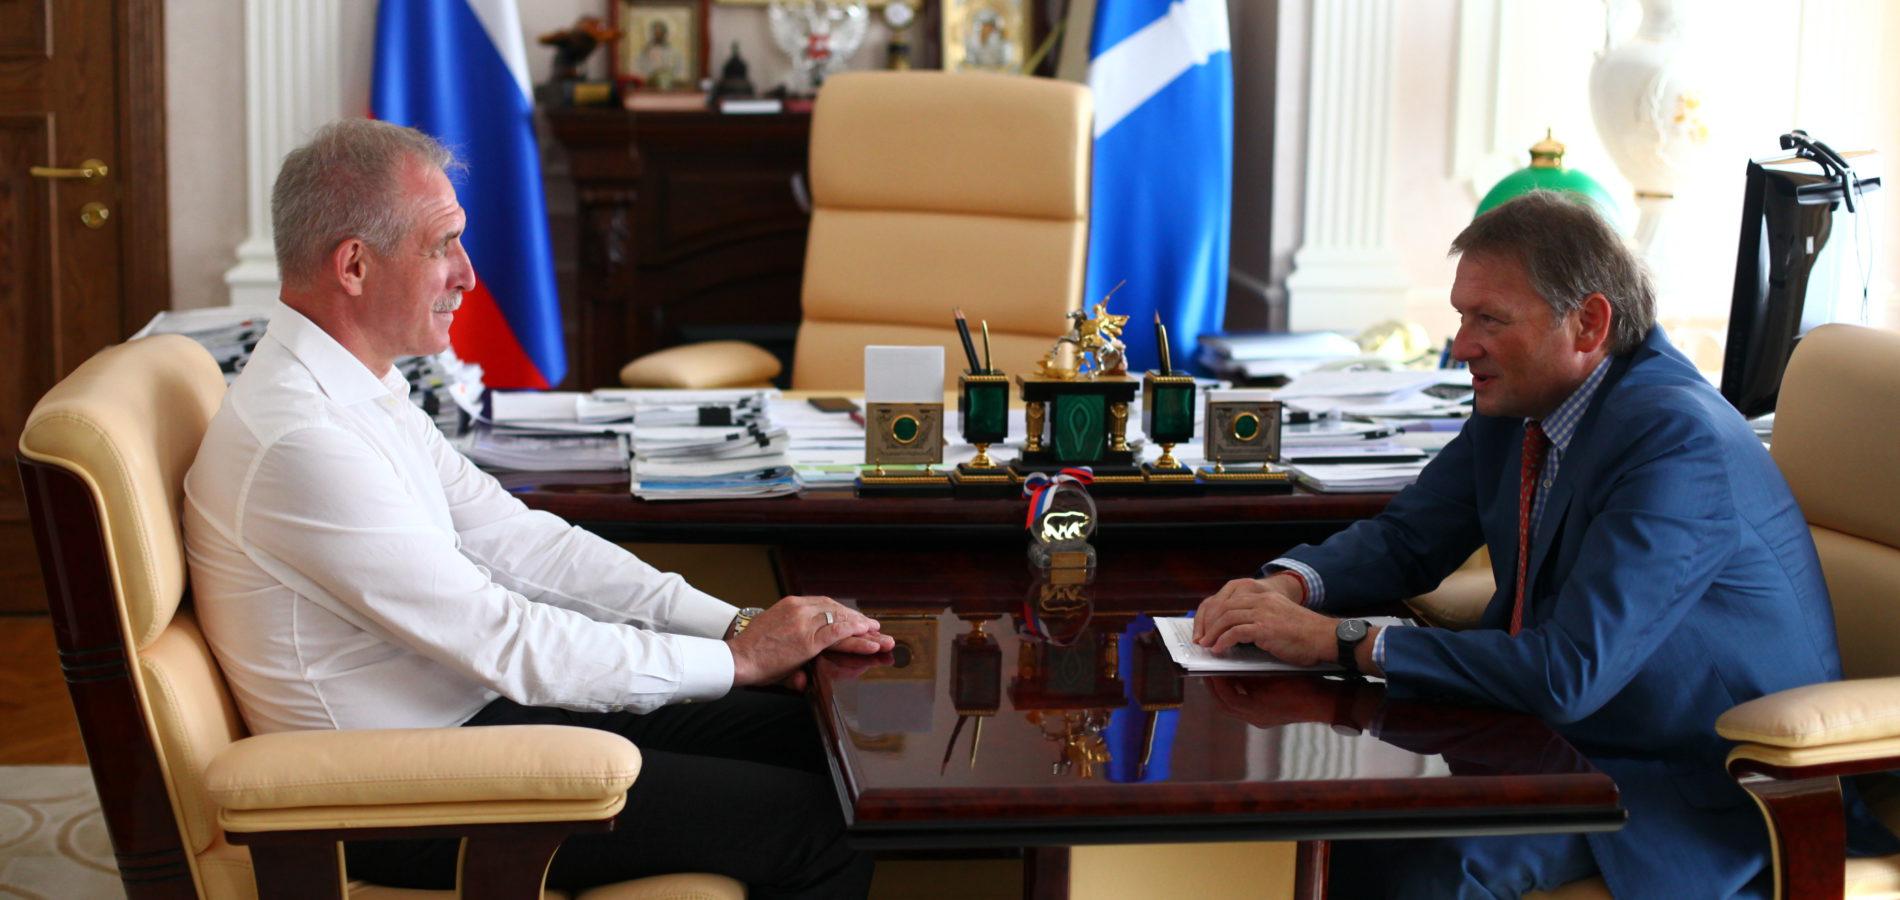 Бизнес-омбудсмен Борис Титов встретился с Губернатором Ульяновской области Сергеем Морозовым